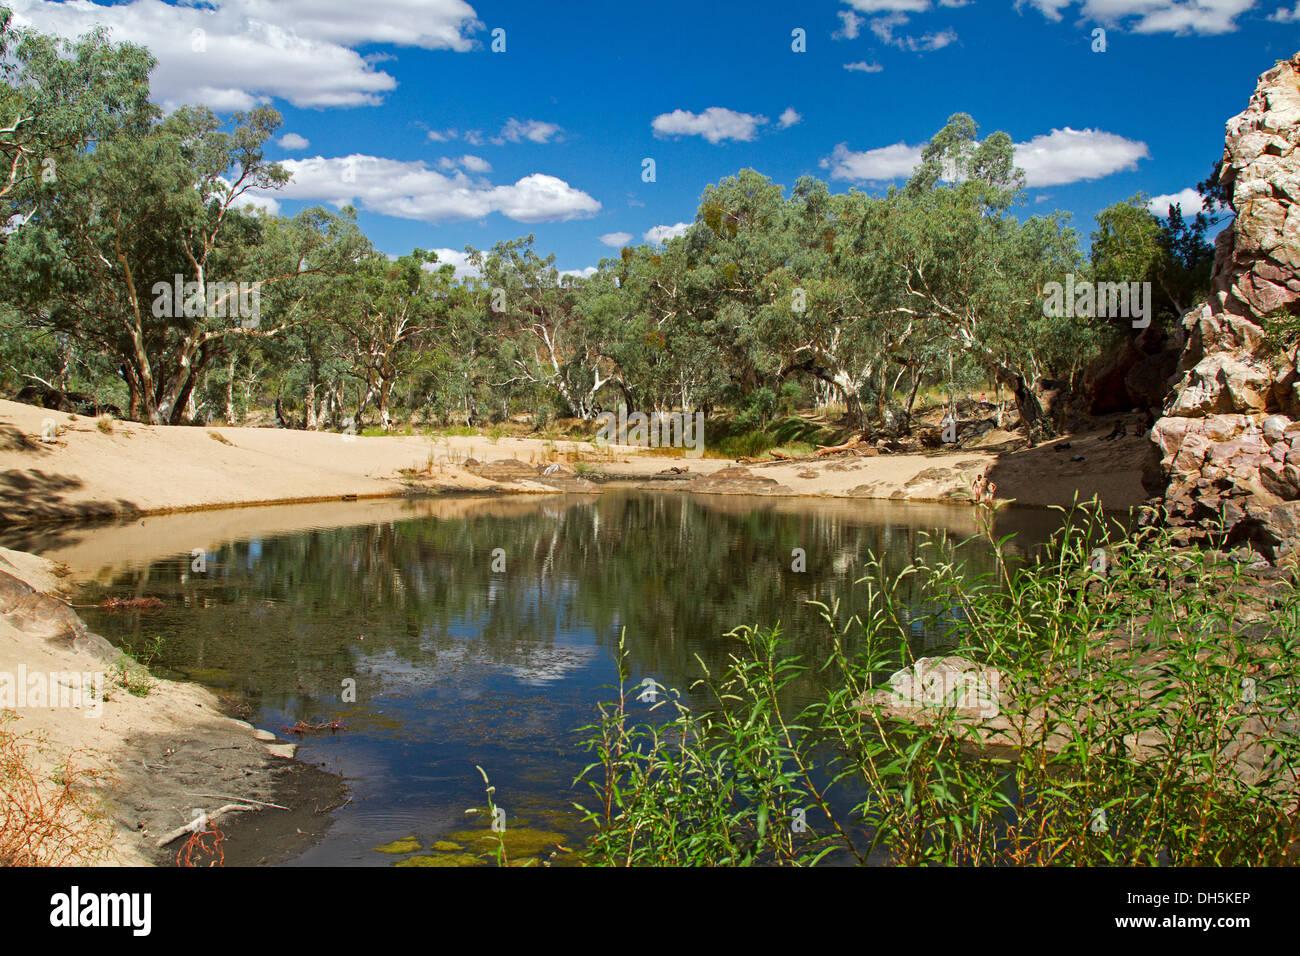 Paesaggi D Acqua Piscine il pittoresco entroterra paesaggio / blu piscina di acqua e